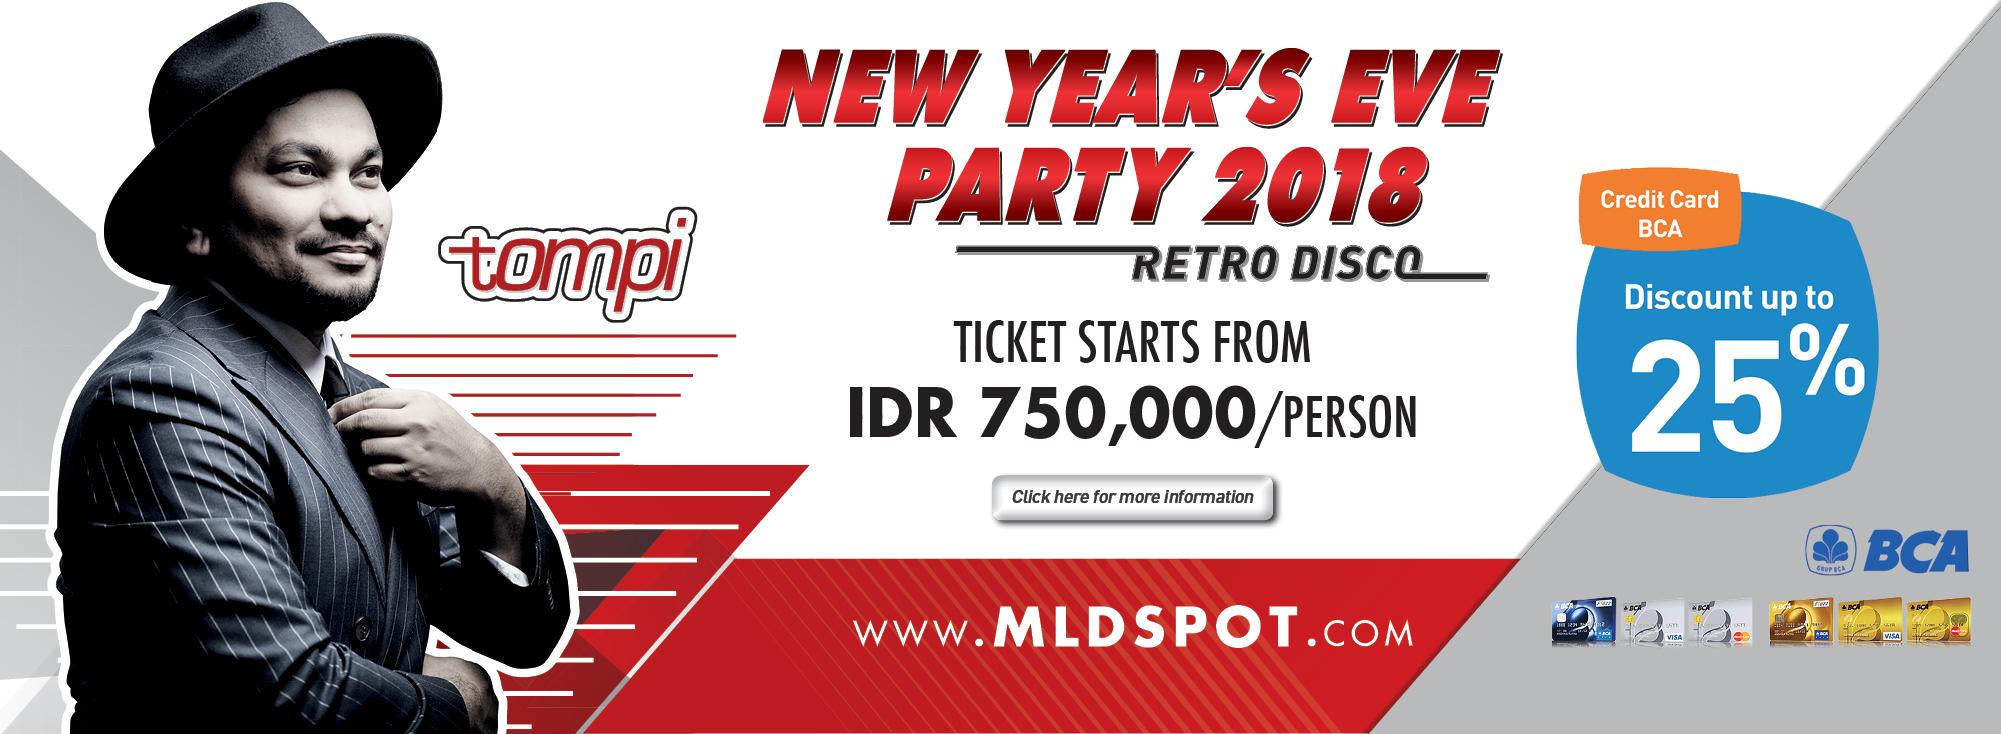 Design x banner pernikahan - Nye 2018 Retro Disco Party